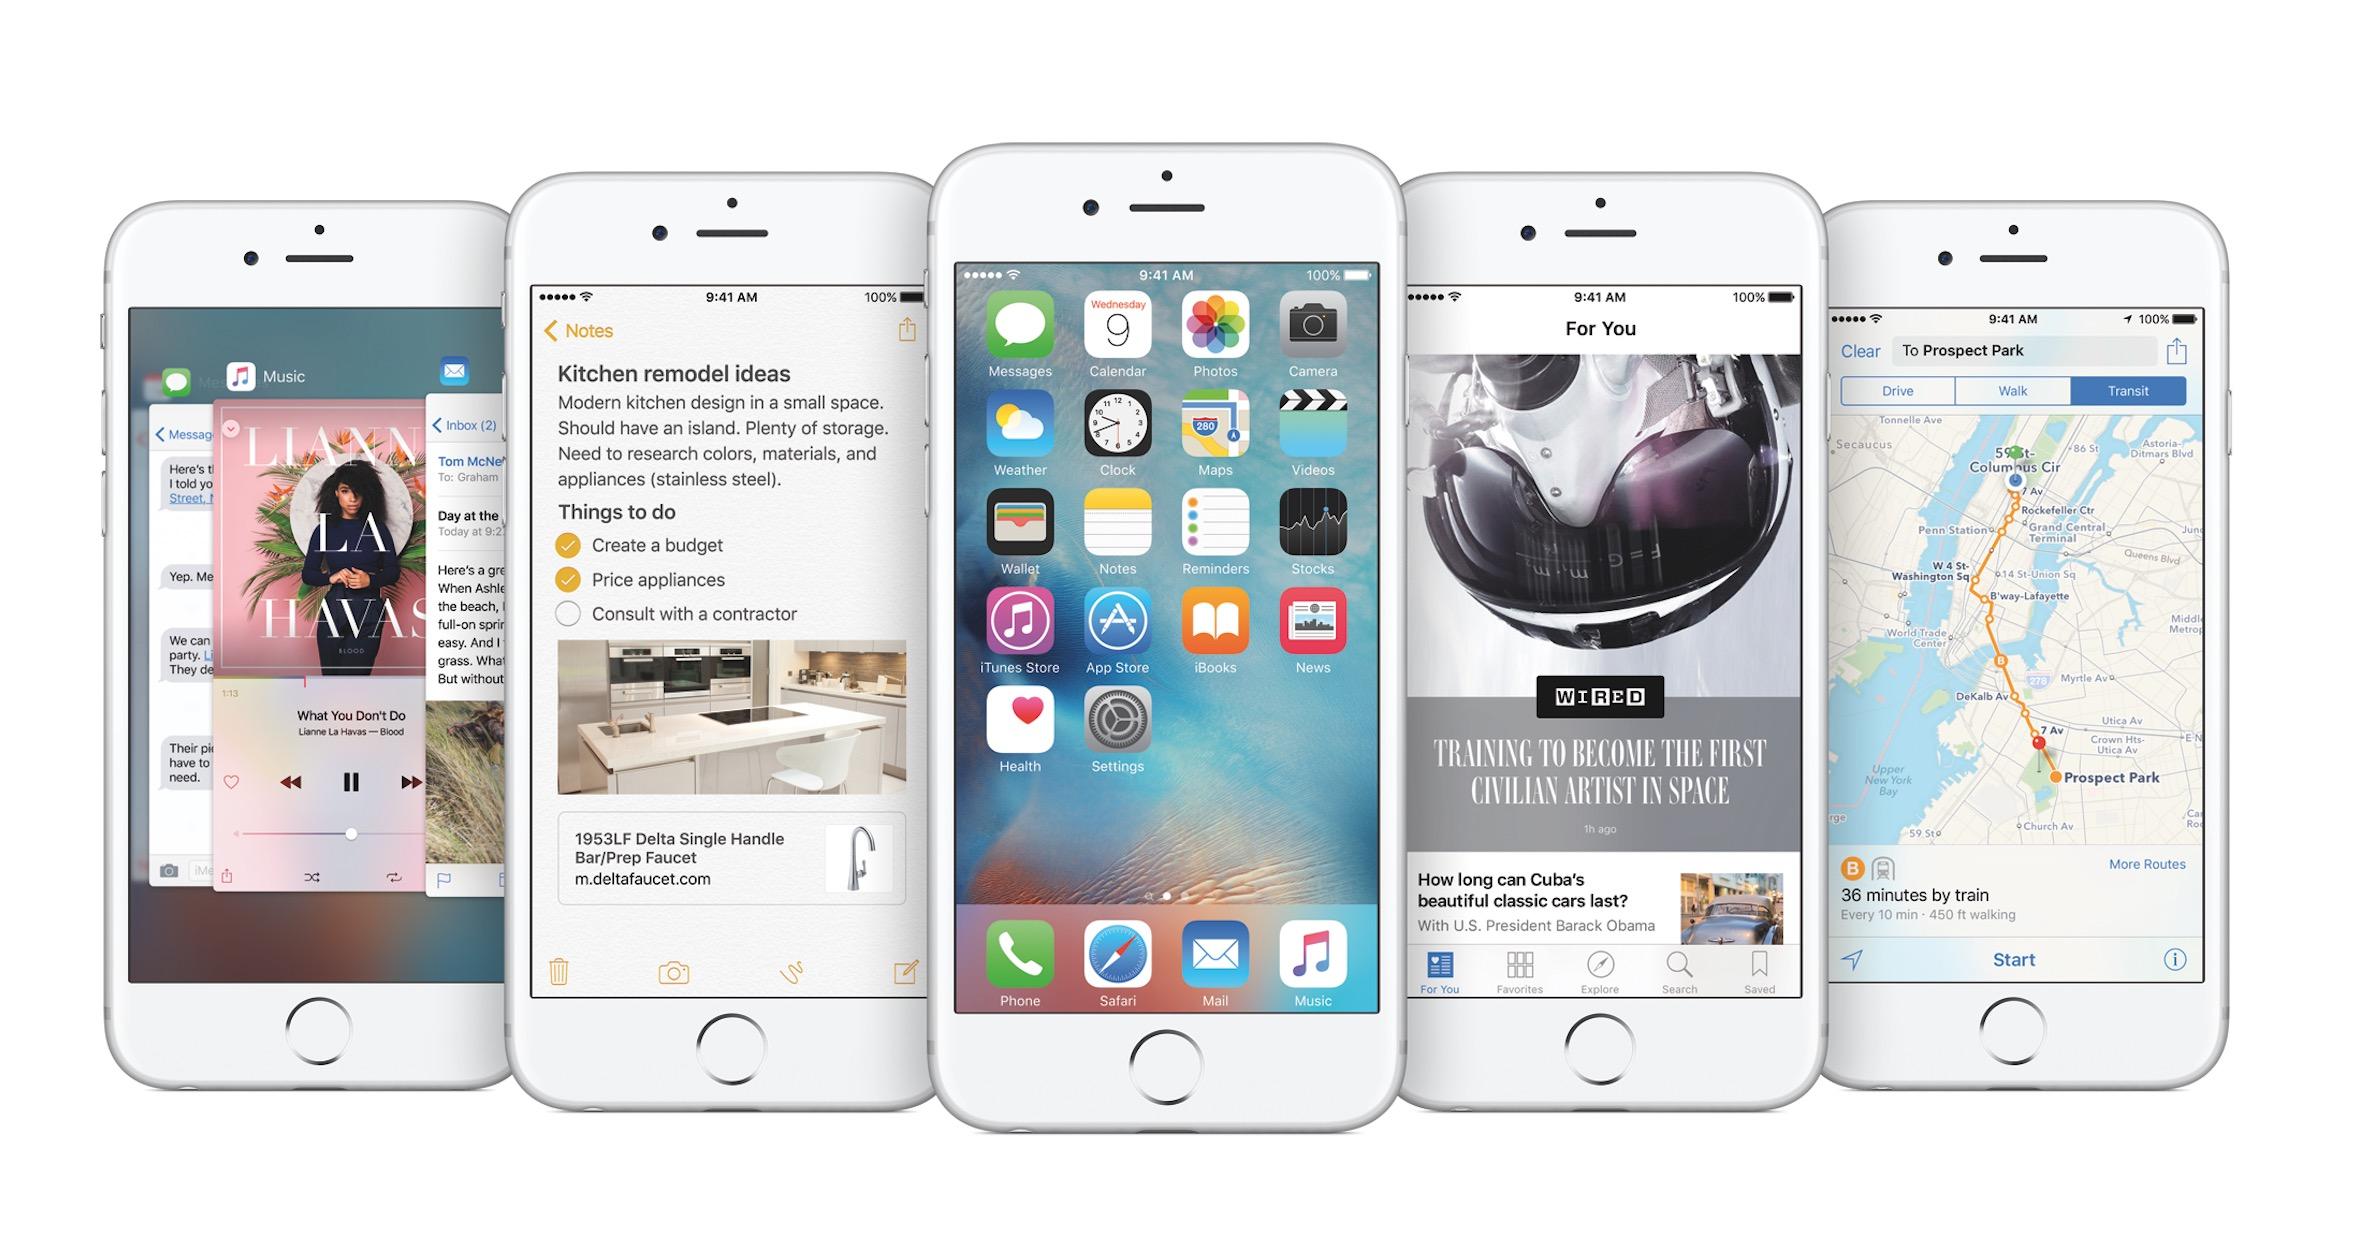 Apple、50%以上のデバイスが「iOS 9」に移行していることを明らかに